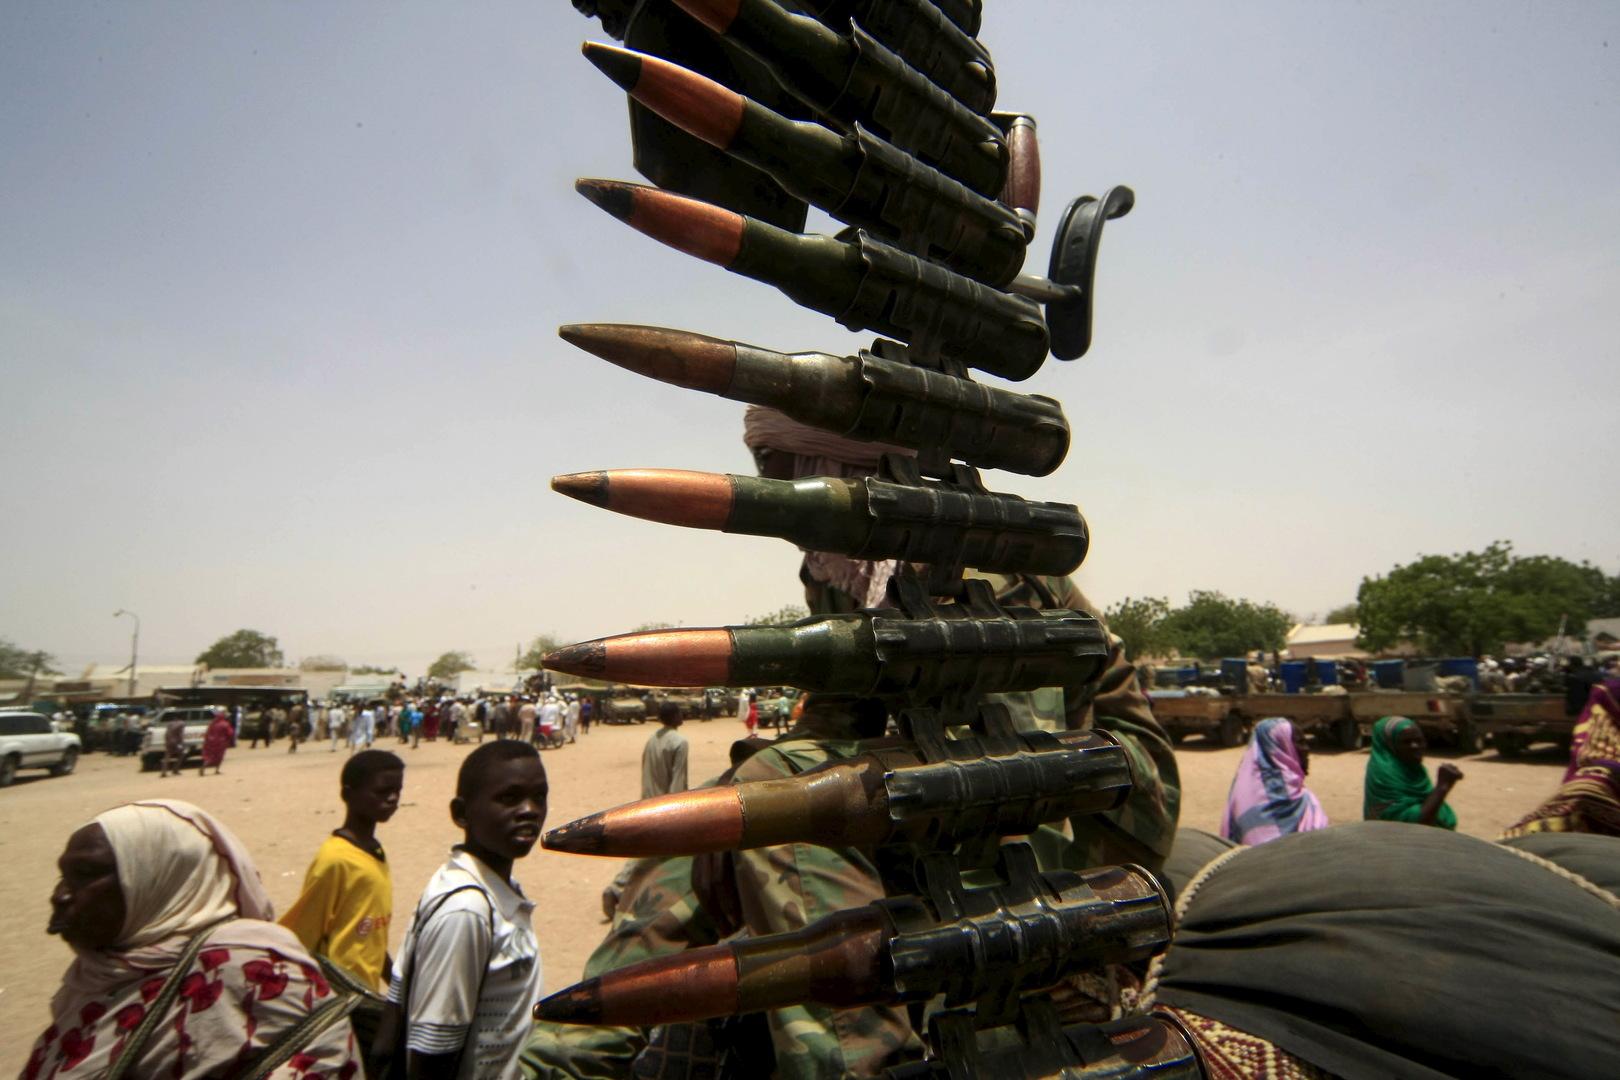 إغلاق حدود شمال دارفور بشكل كامل لمنع هروب المتورطين في أعمال العنف